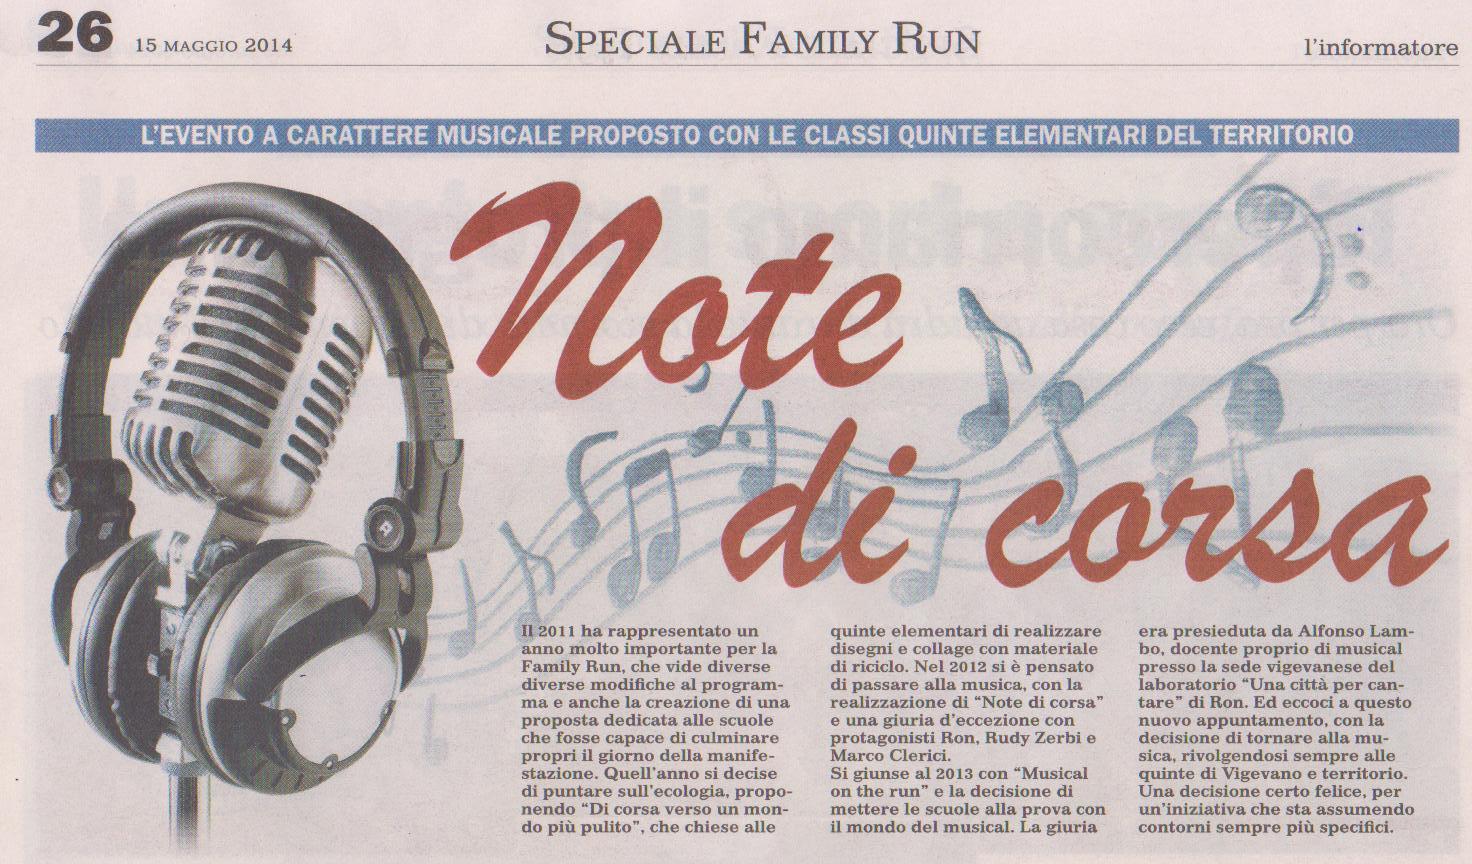 NOTE DI CORSA 2014